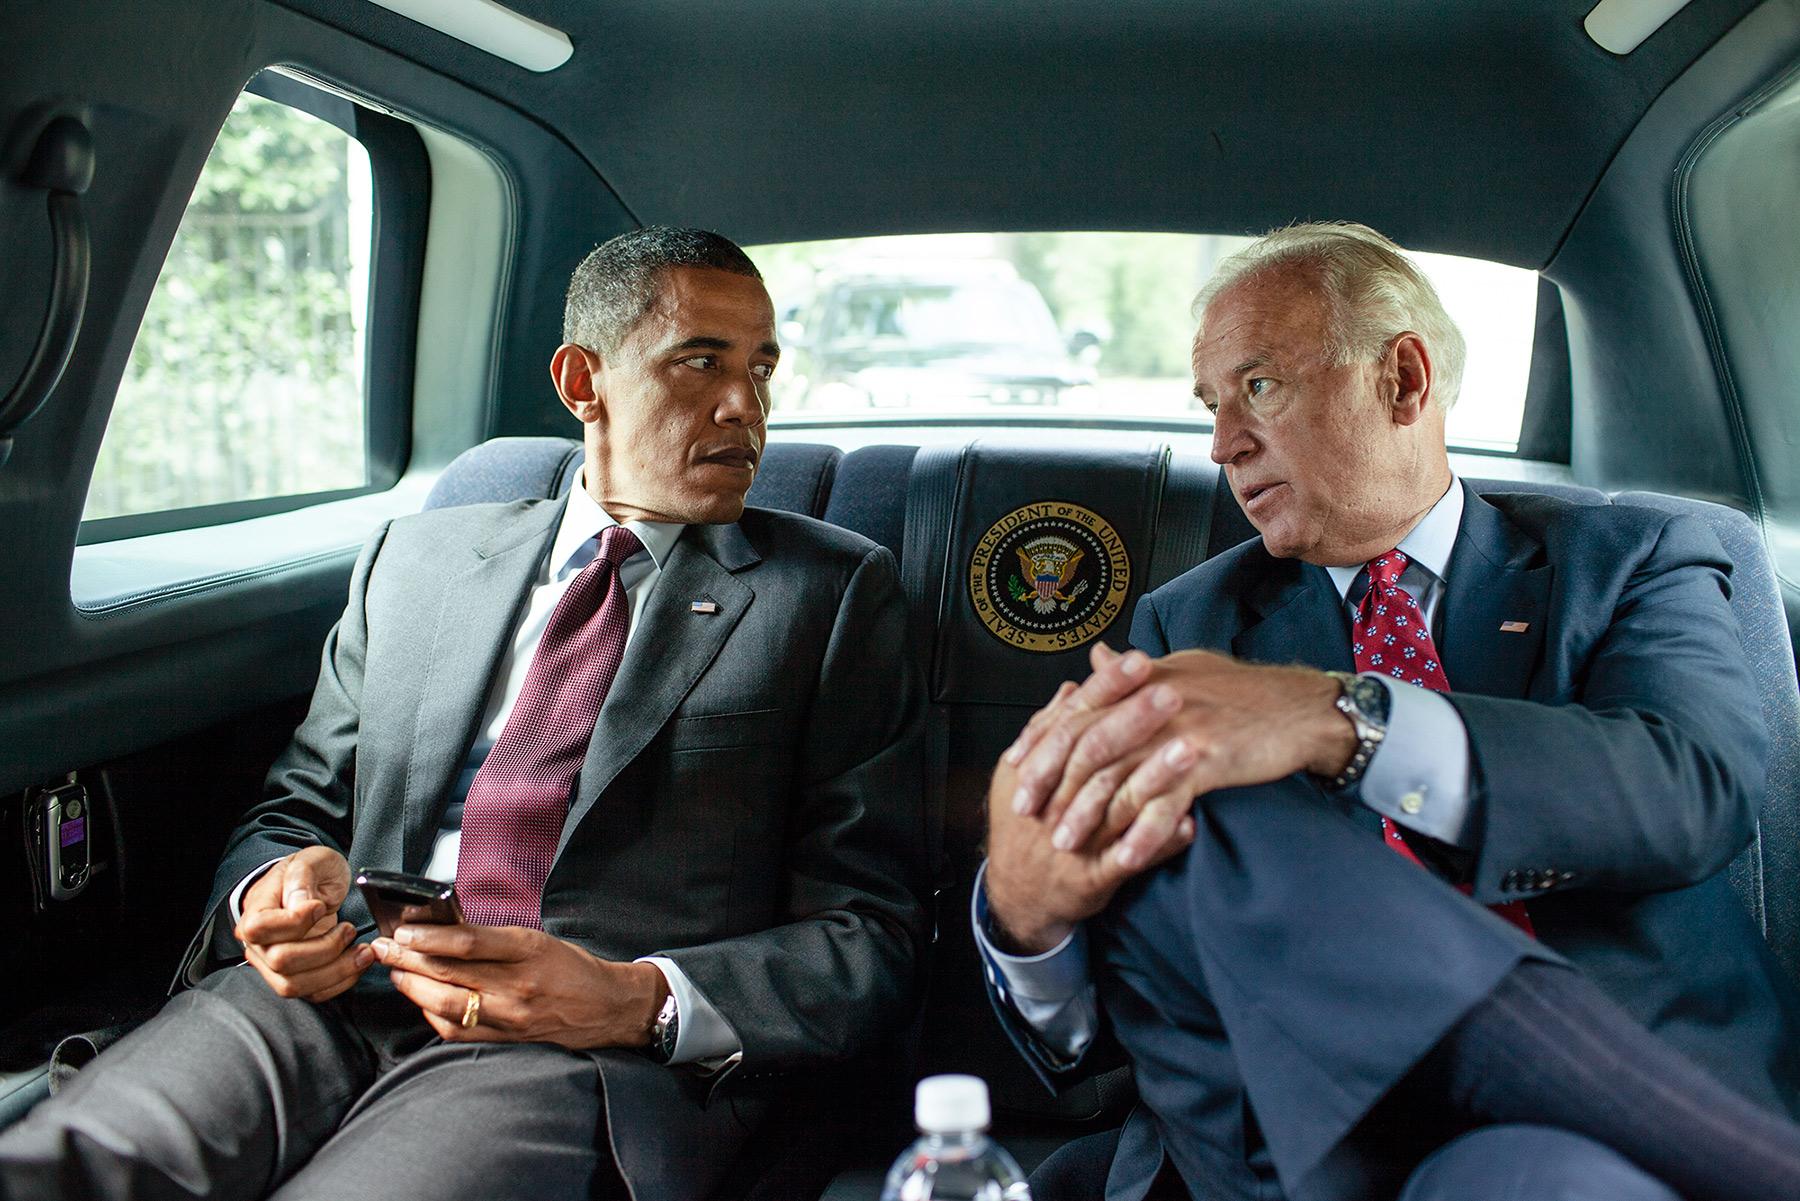 El presidente Barack Obama y el vice presidente Joe Biden camino a firmar la Ley de Protección al Consumidor y Reforma de Dodd-Frank Wall Street, 21 de julio, 2010.